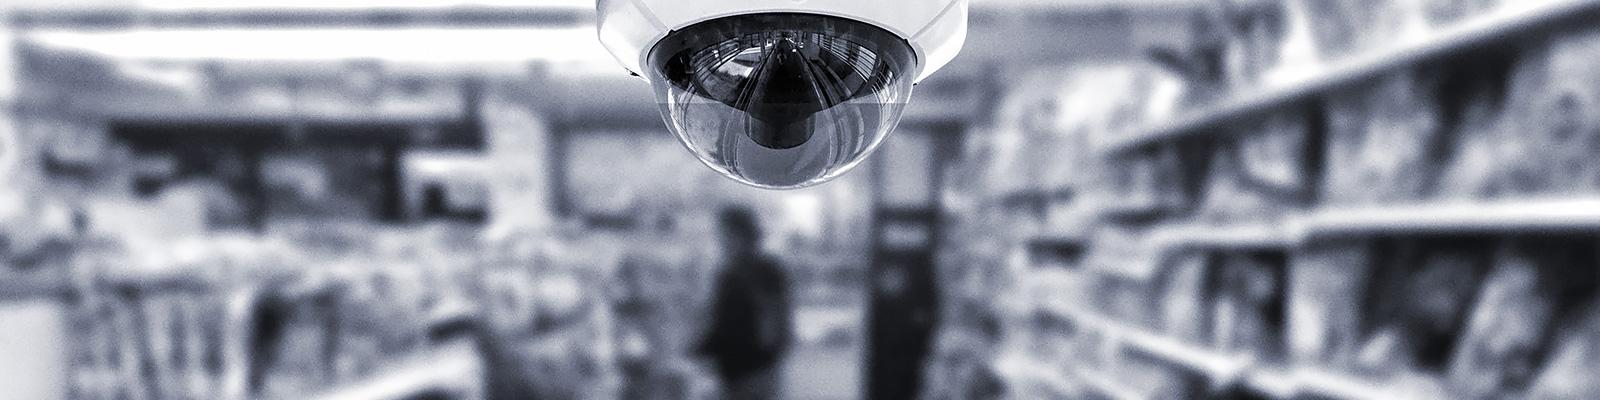 監視 カメラ 店 犯罪